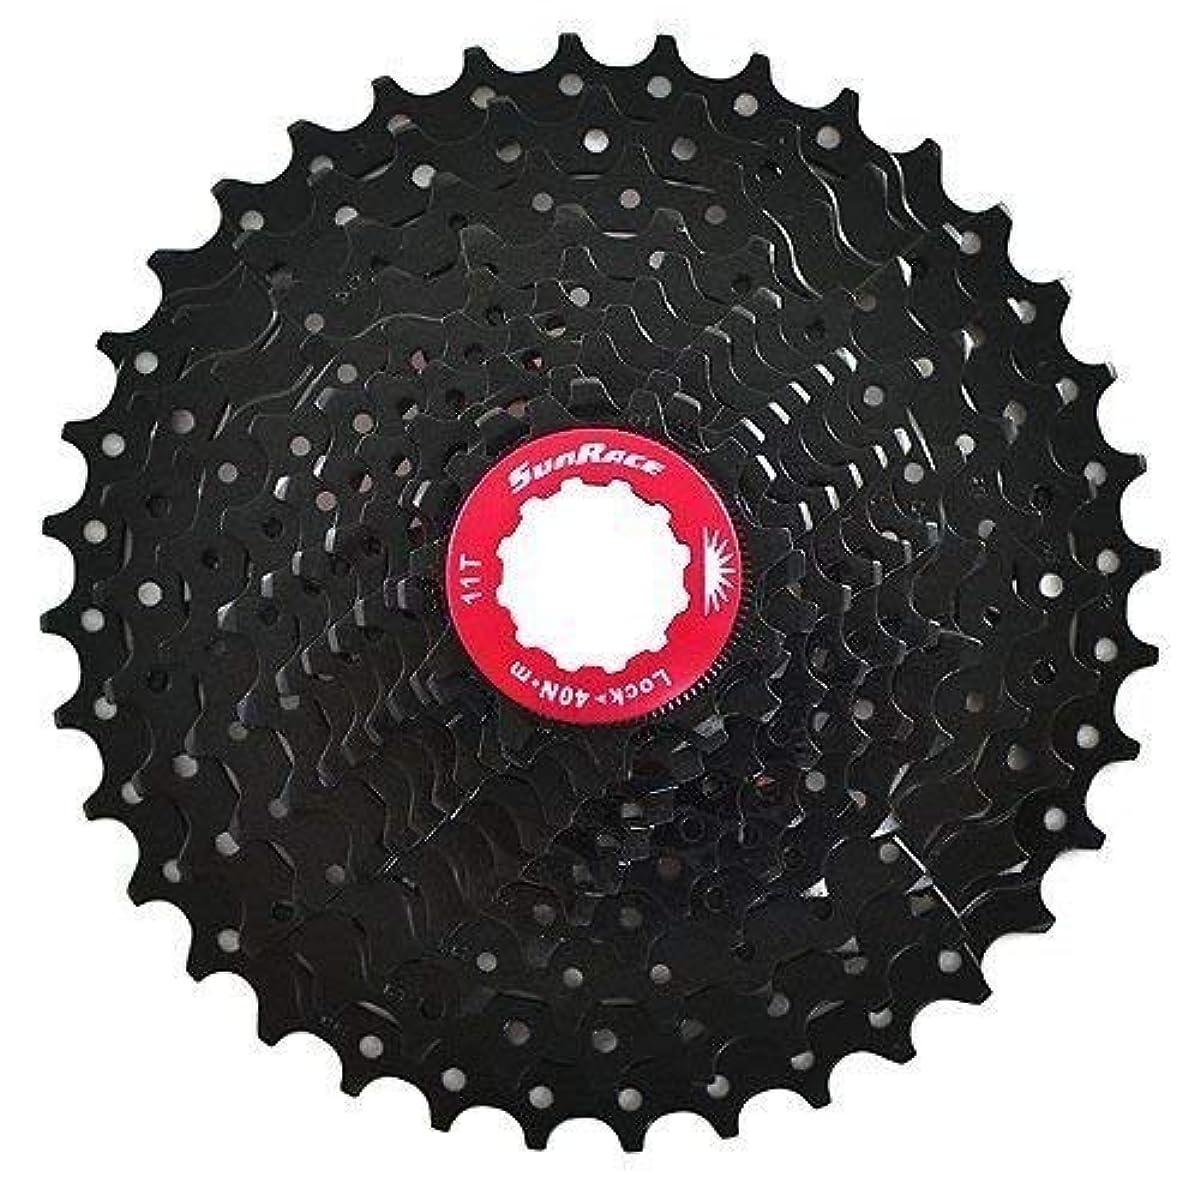 [해외] SUNRACE CSRX1 11 SPEED ROAD BIKE CASSETTE 11-36T, BLACK #ST1567